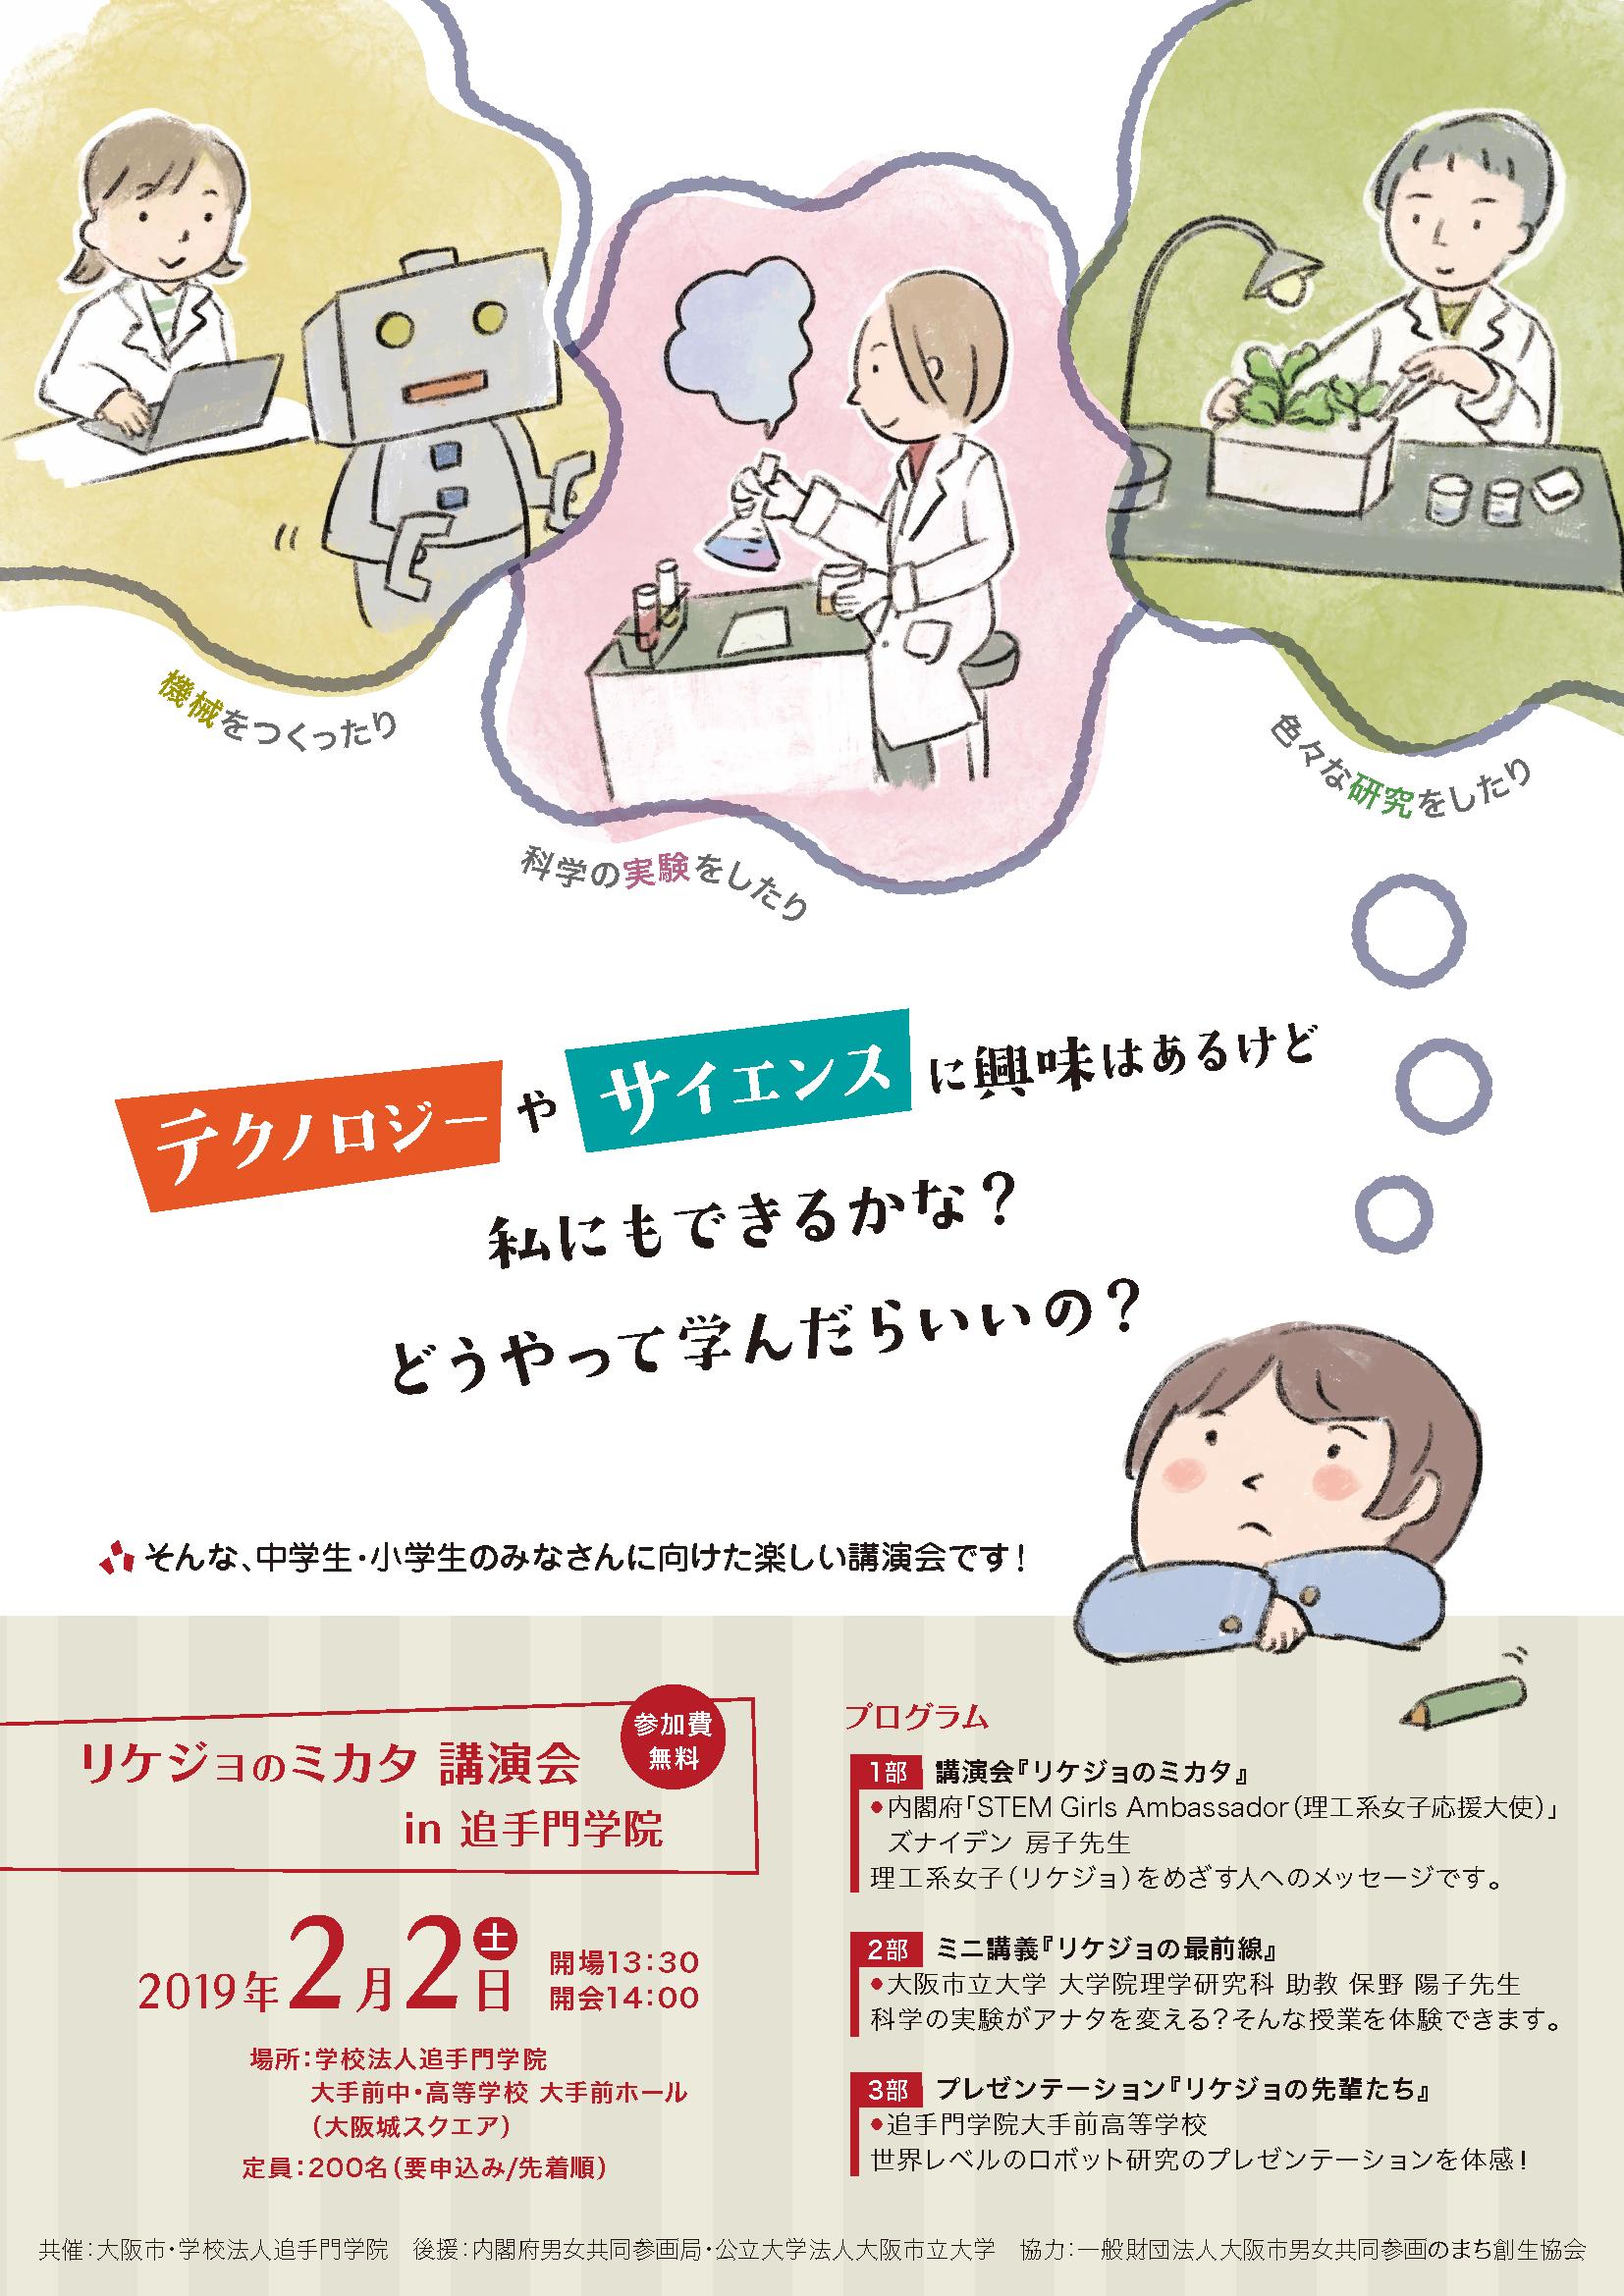 rikejonomikata2019-1